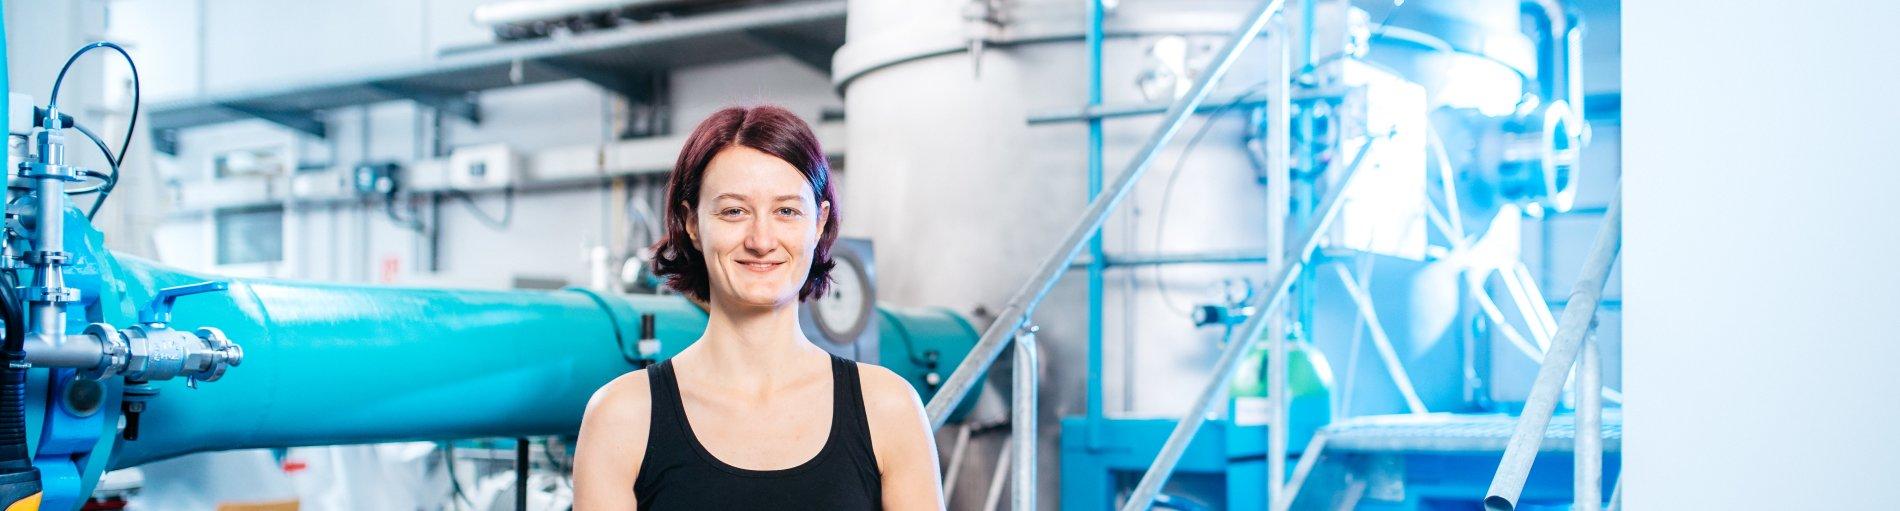 Eine Frau steht auf einer Treppe vor einem großen Tank.